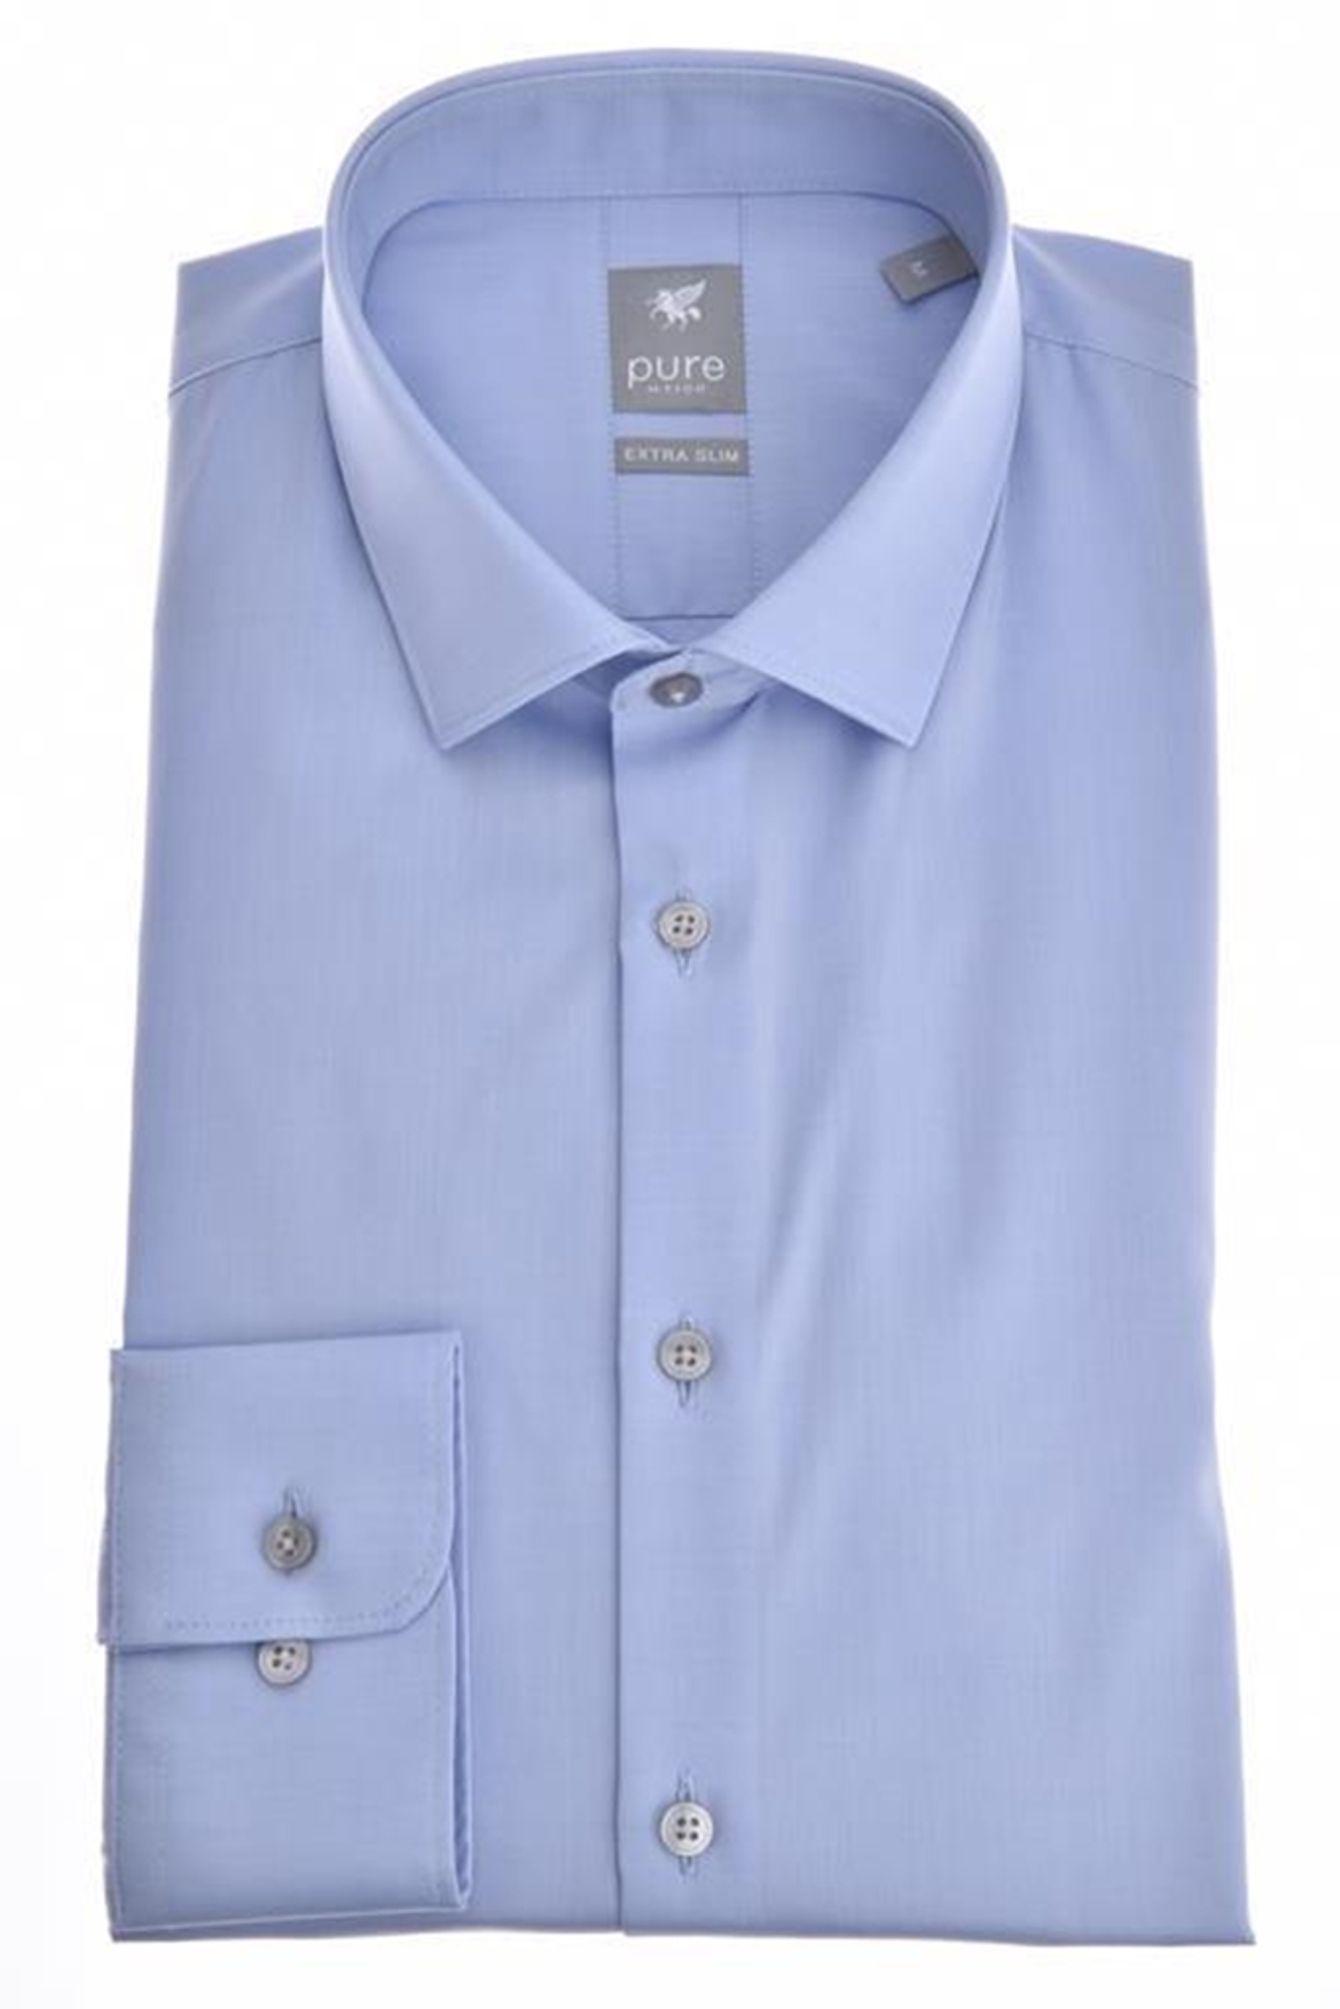 pretty nice 780ec 80c4a Pure - Extra Slim Fit - Herren Langarm Hemd in verschiedenen Farben, XS-XXL  (3377 764)